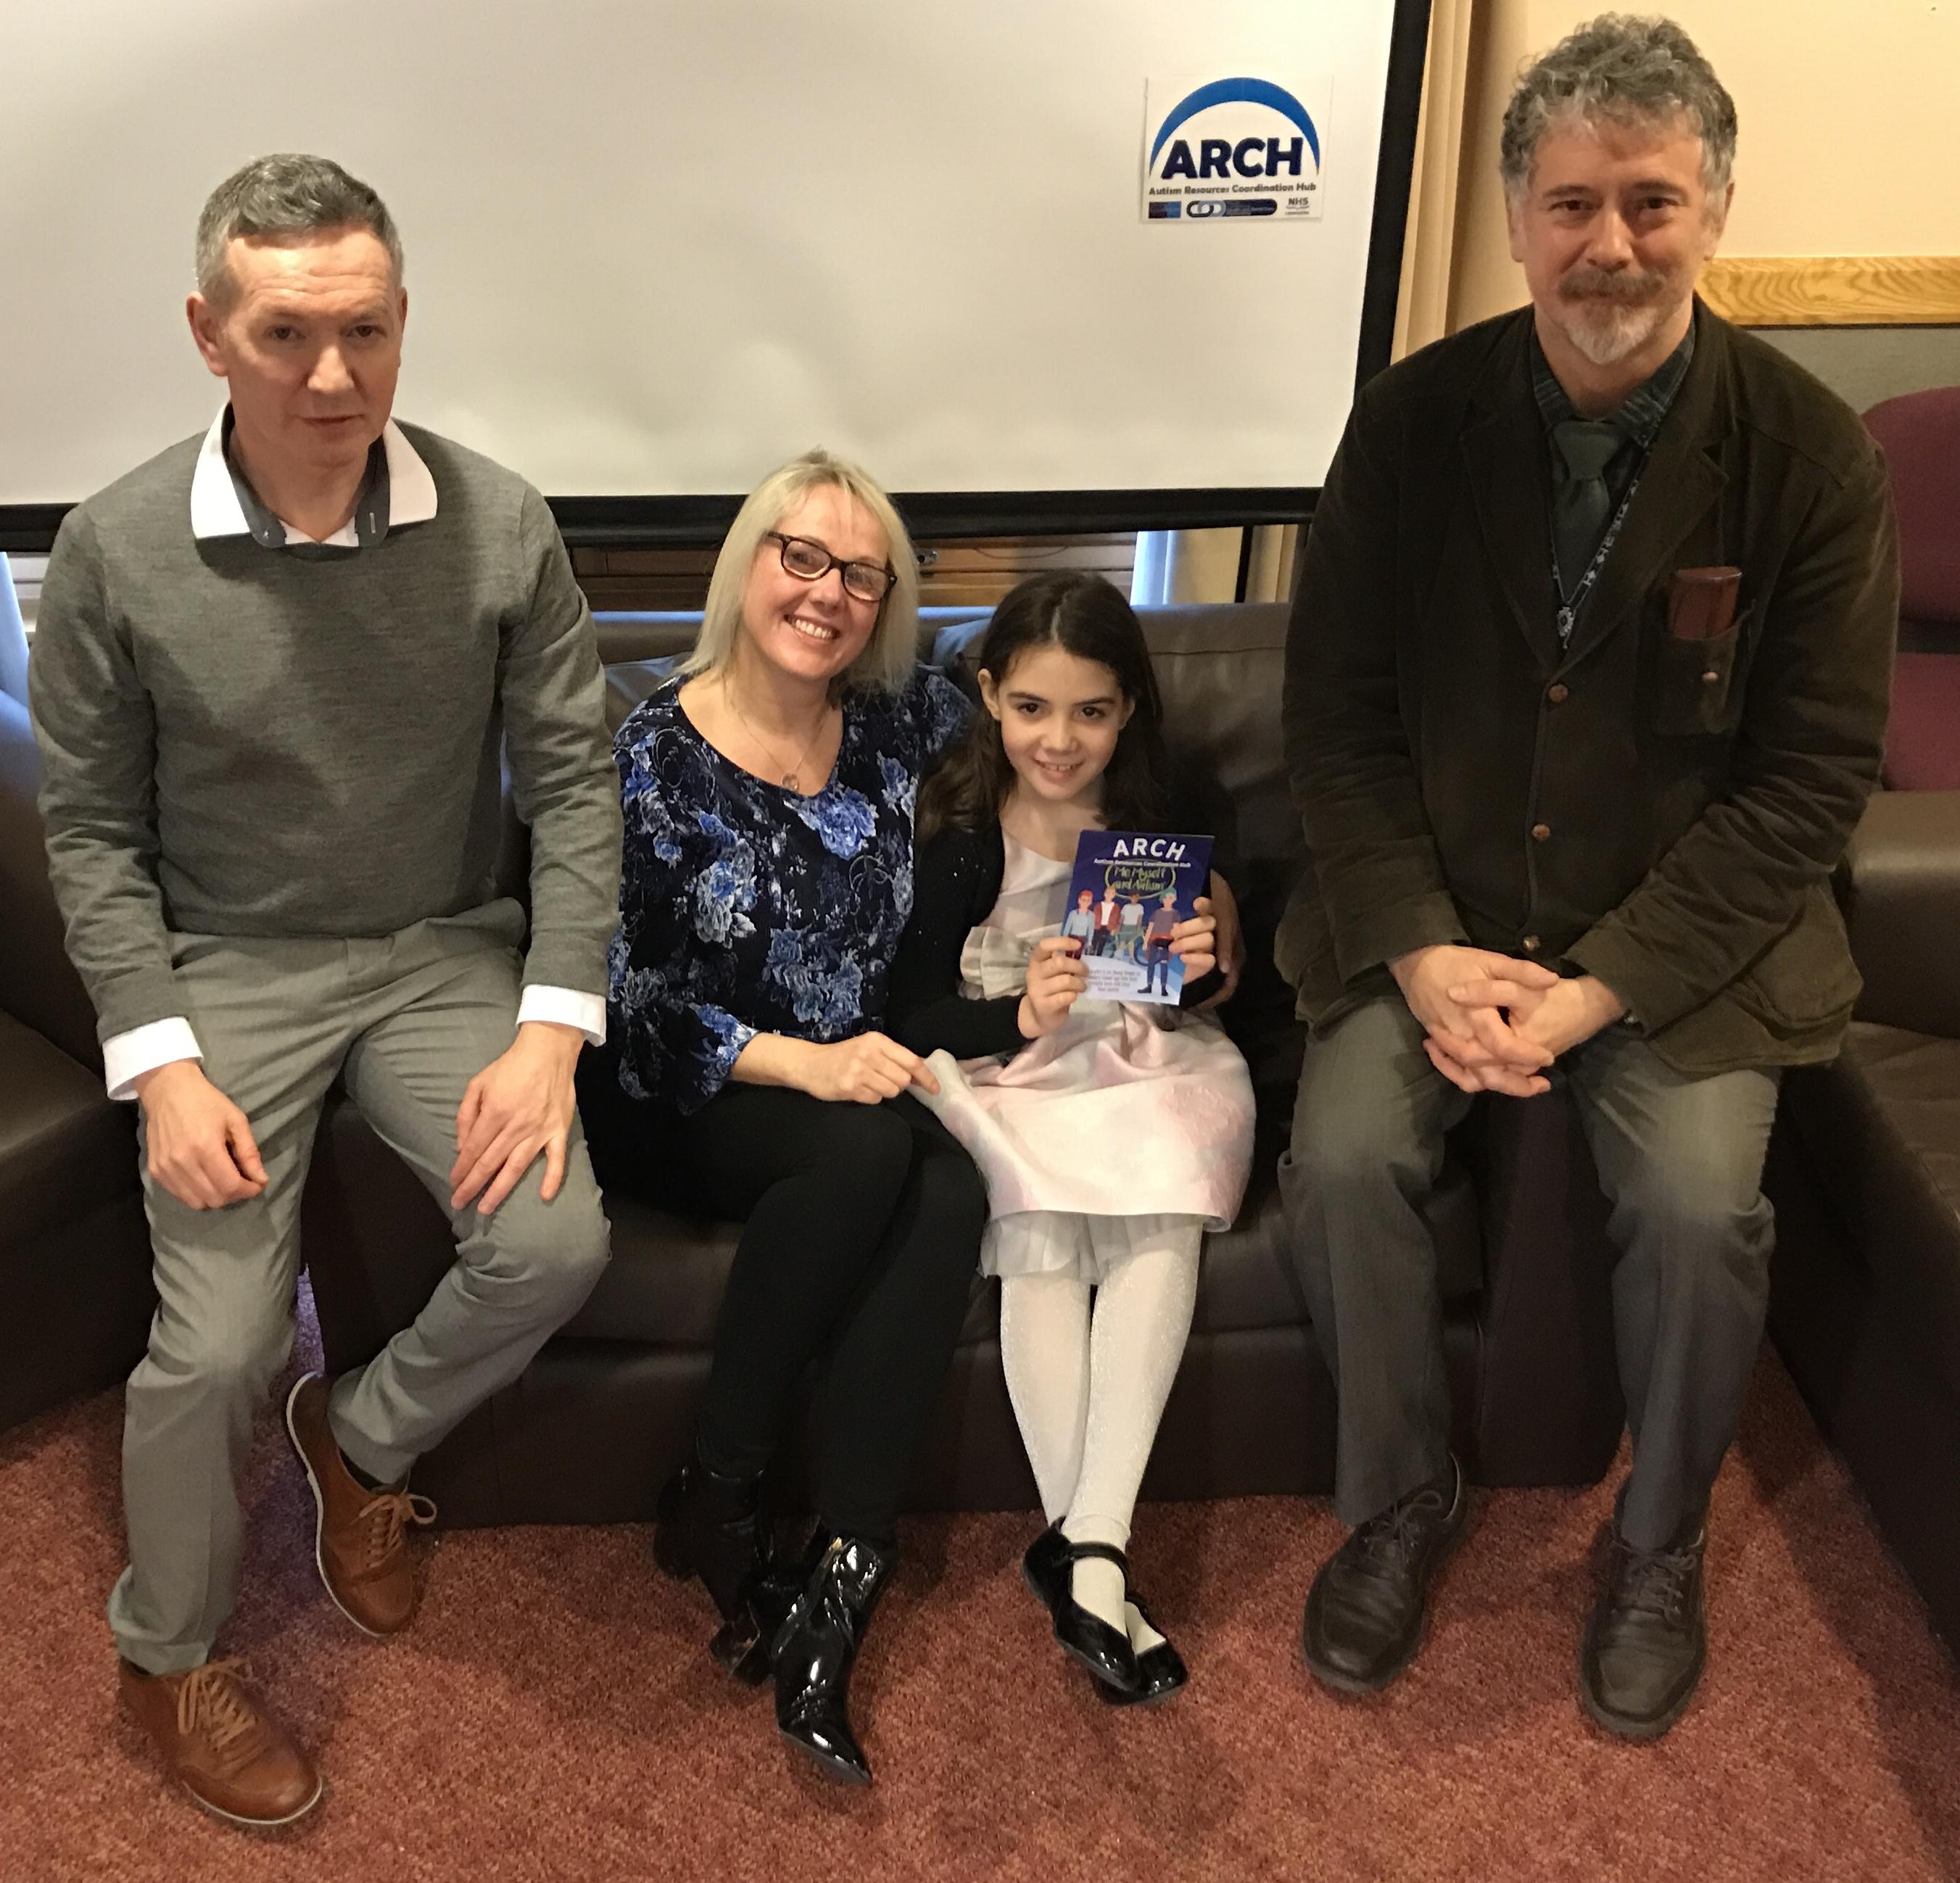 Mum's praise of Autism lifeline